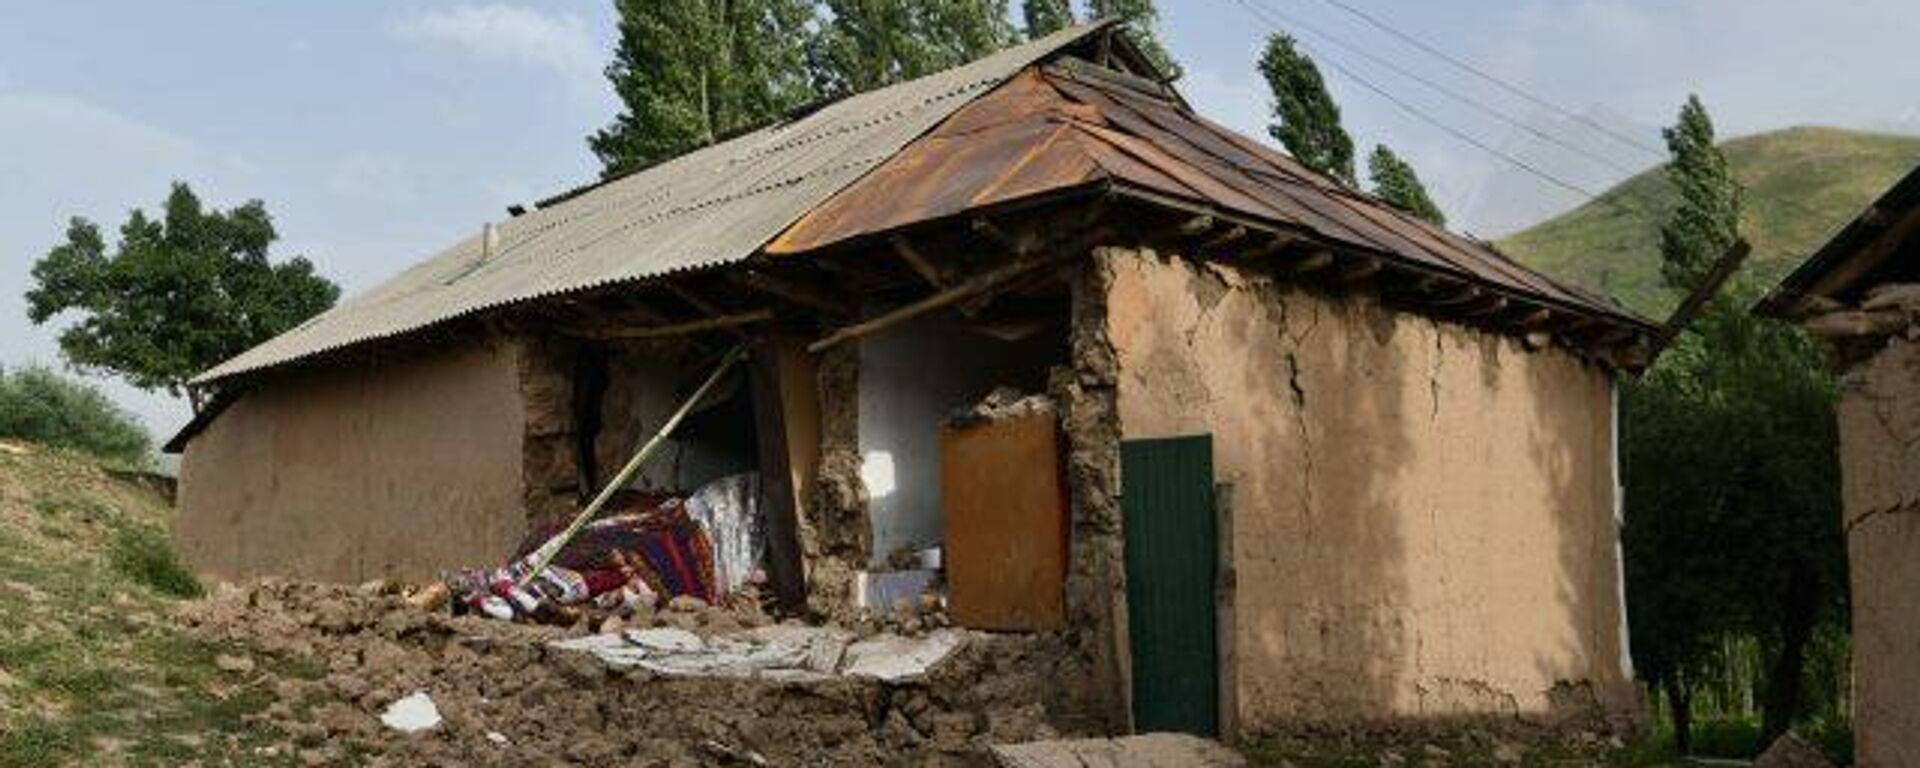 Последствия землетрясения в джамоате Лангари Шох в Таджикистане - Sputnik Таджикистан, 1920, 11.07.2021